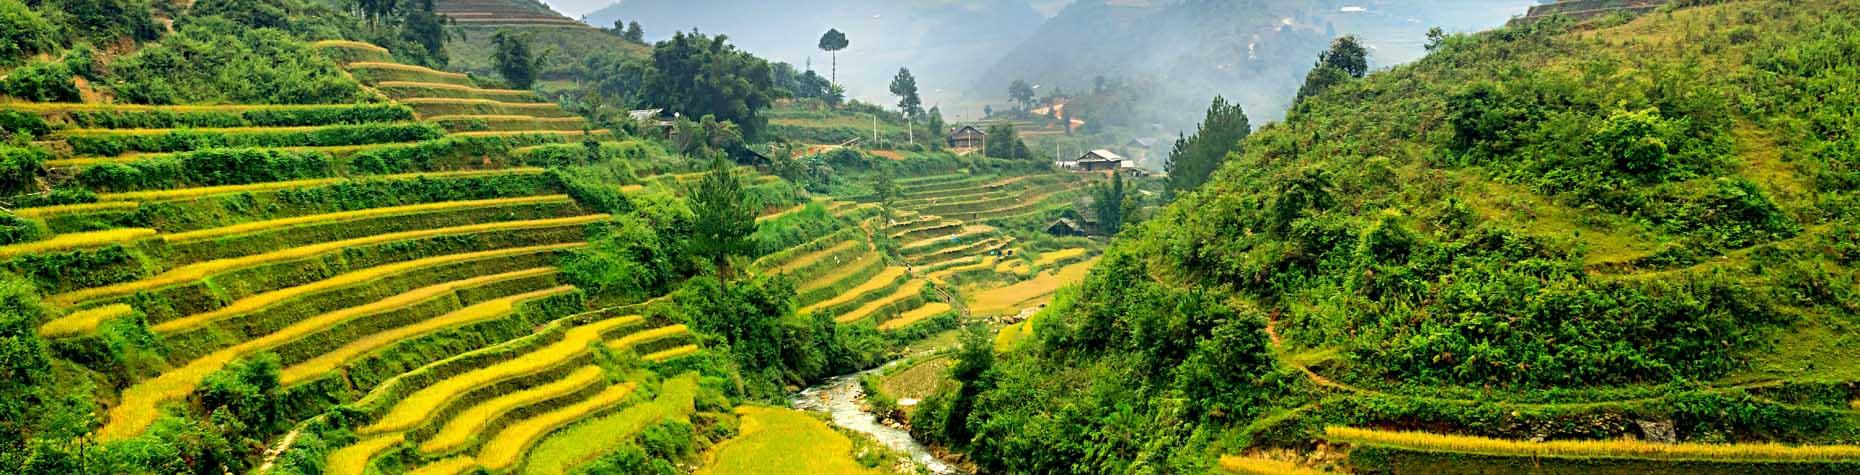 Must see: terrasvormige rijstvelden in Vietnam